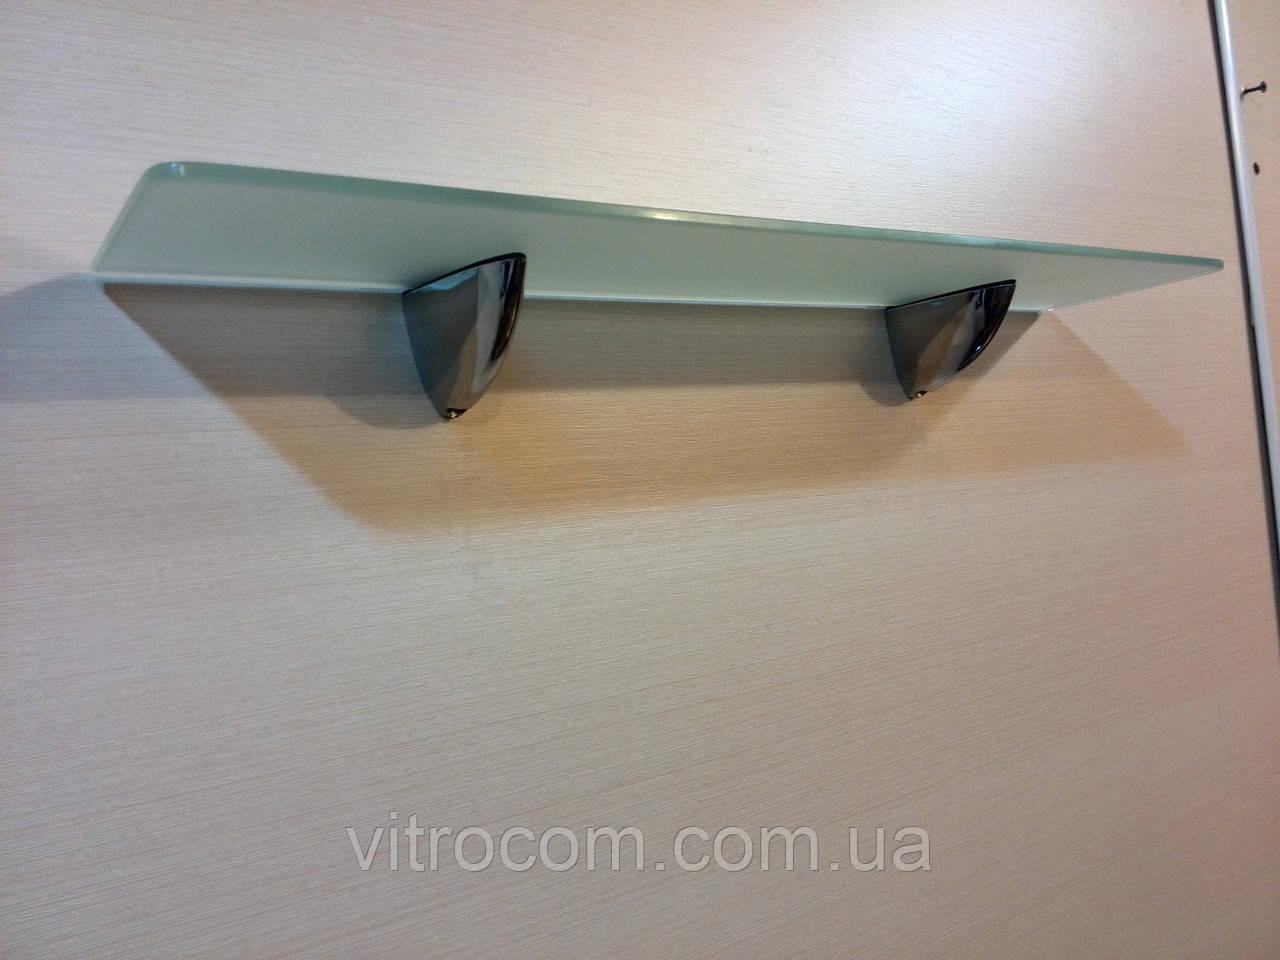 Полка стеклянная прямая матовая 6 мм 40 х 15 см